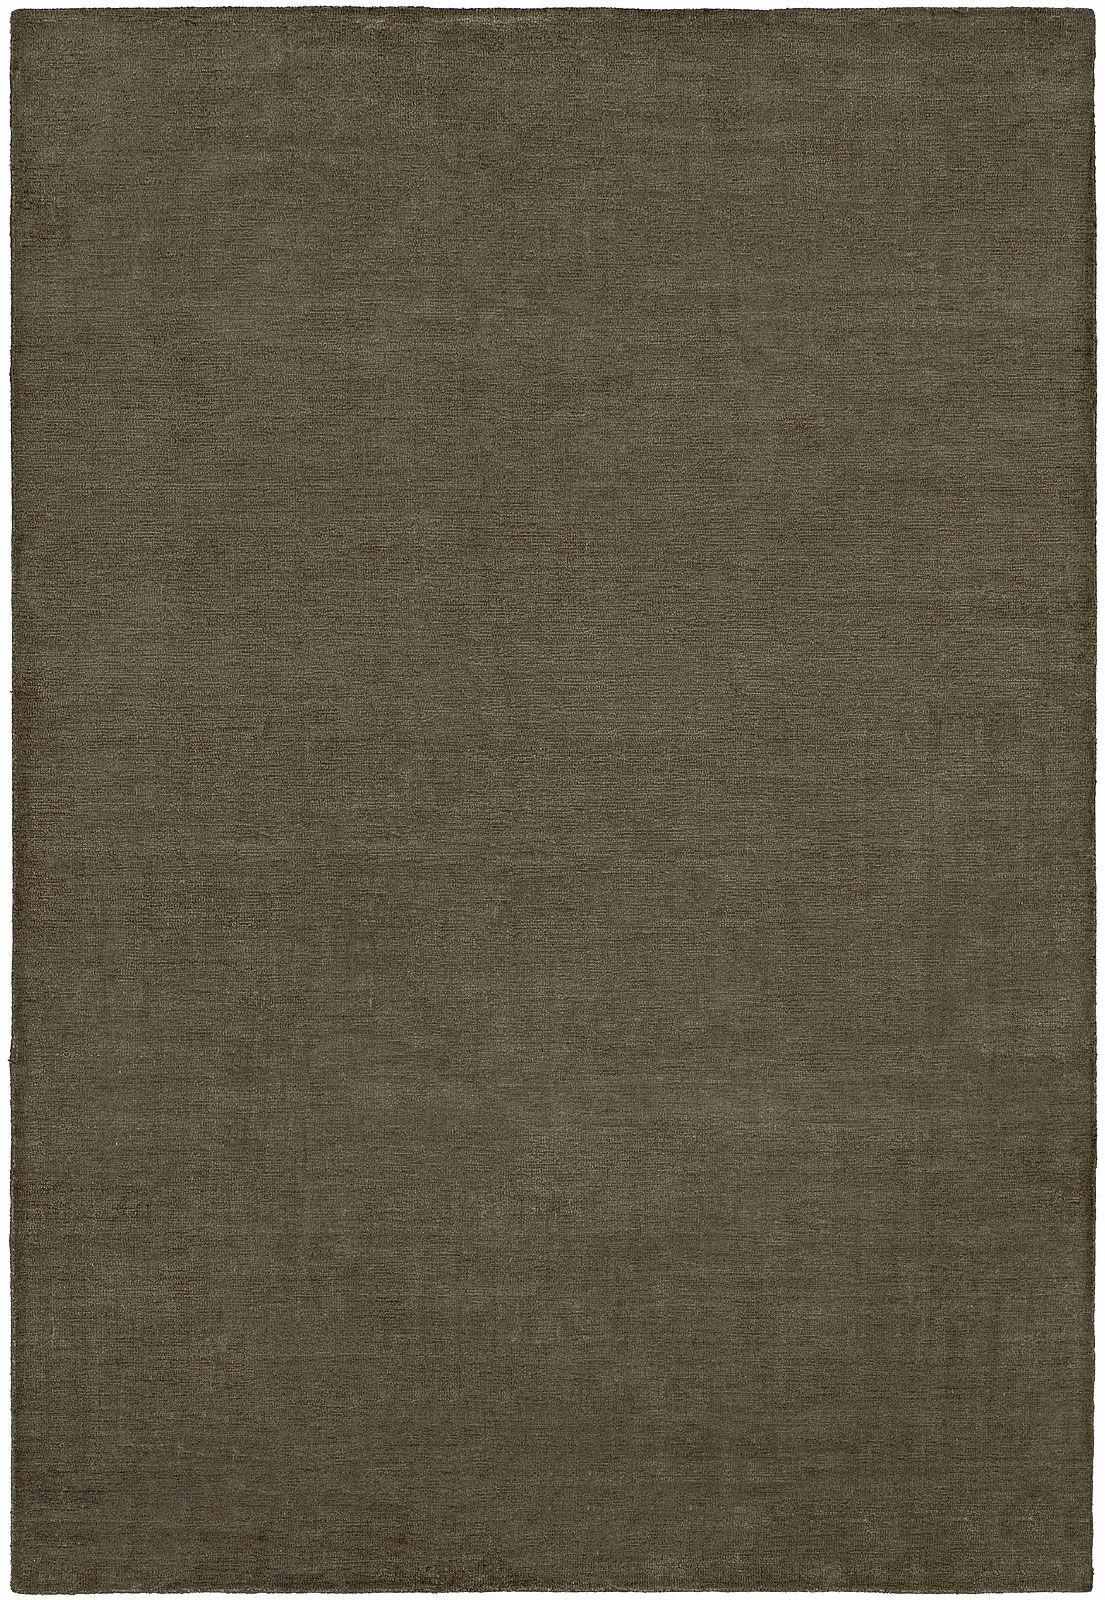 Barman Hand-Woven Gray Area Rug Rug Size: 9' x 12'